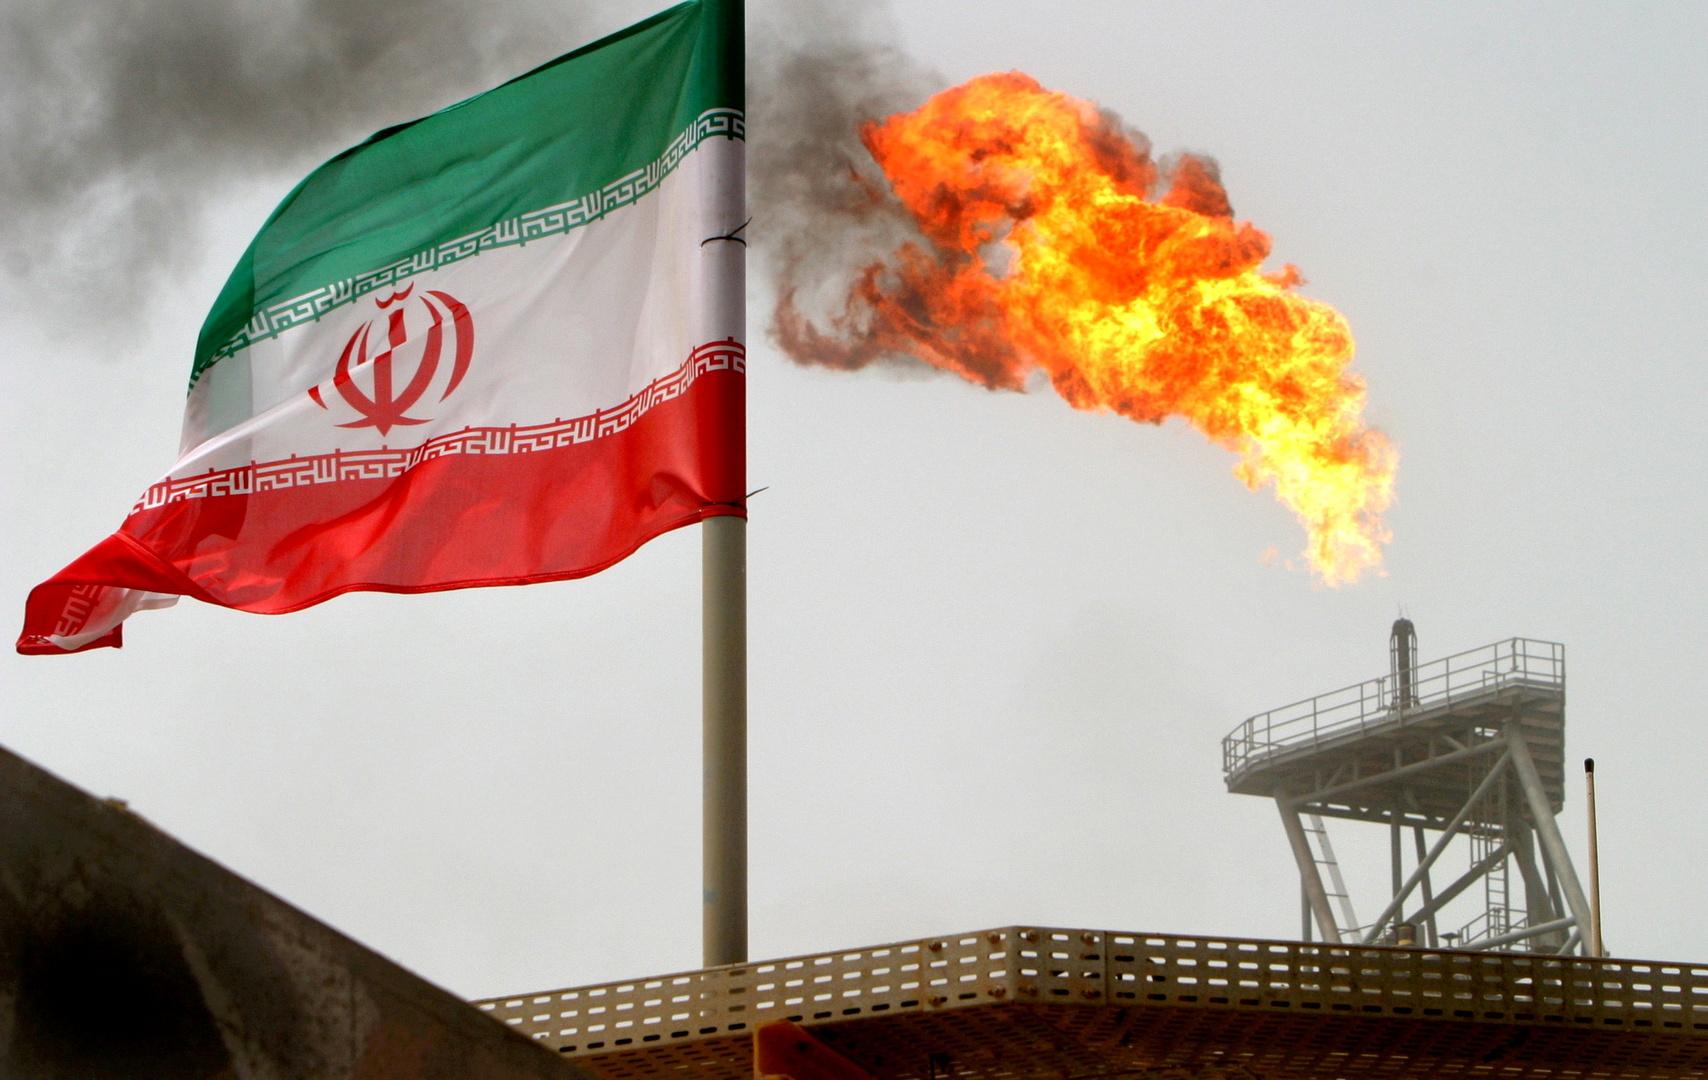 إيران تؤكد حدوث عمل تخريبي استهدف أحد مباني منظمة الطاقة لديها